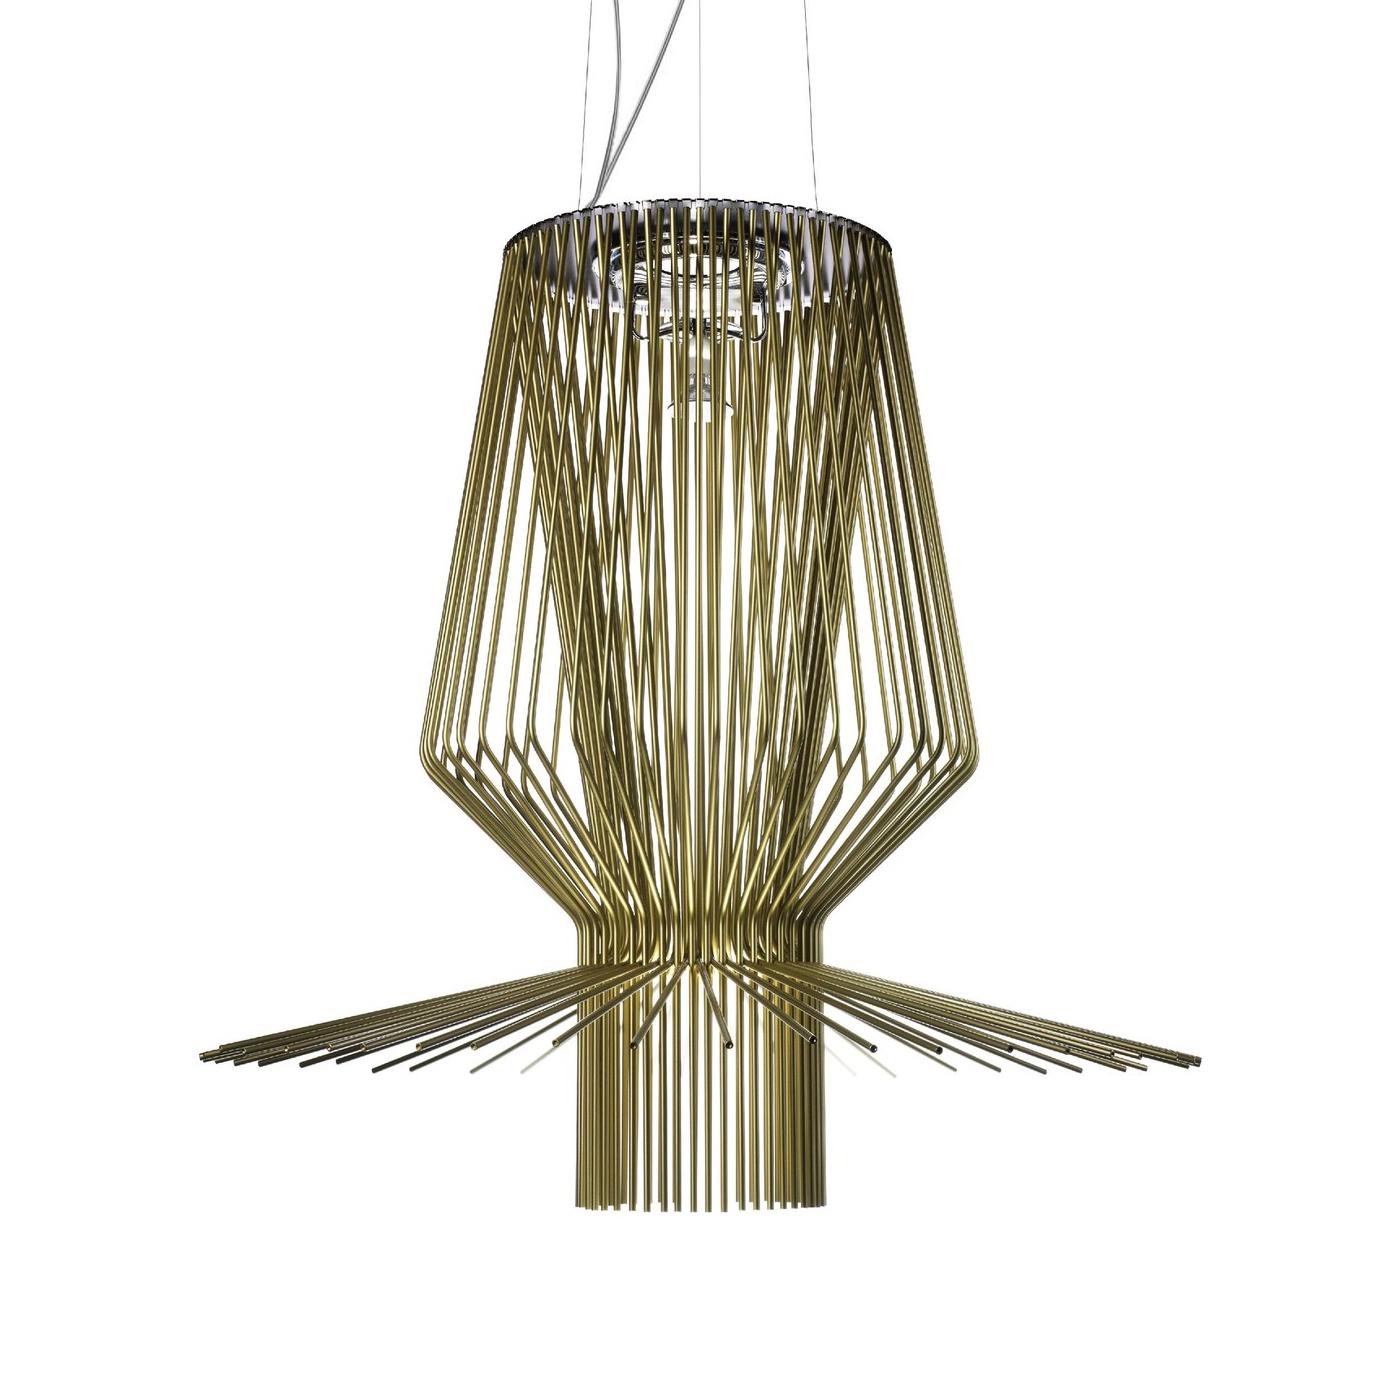 FOSCARINI lampada a sospensione ALLEGRO a LED (Assai oro - Alluminio ...